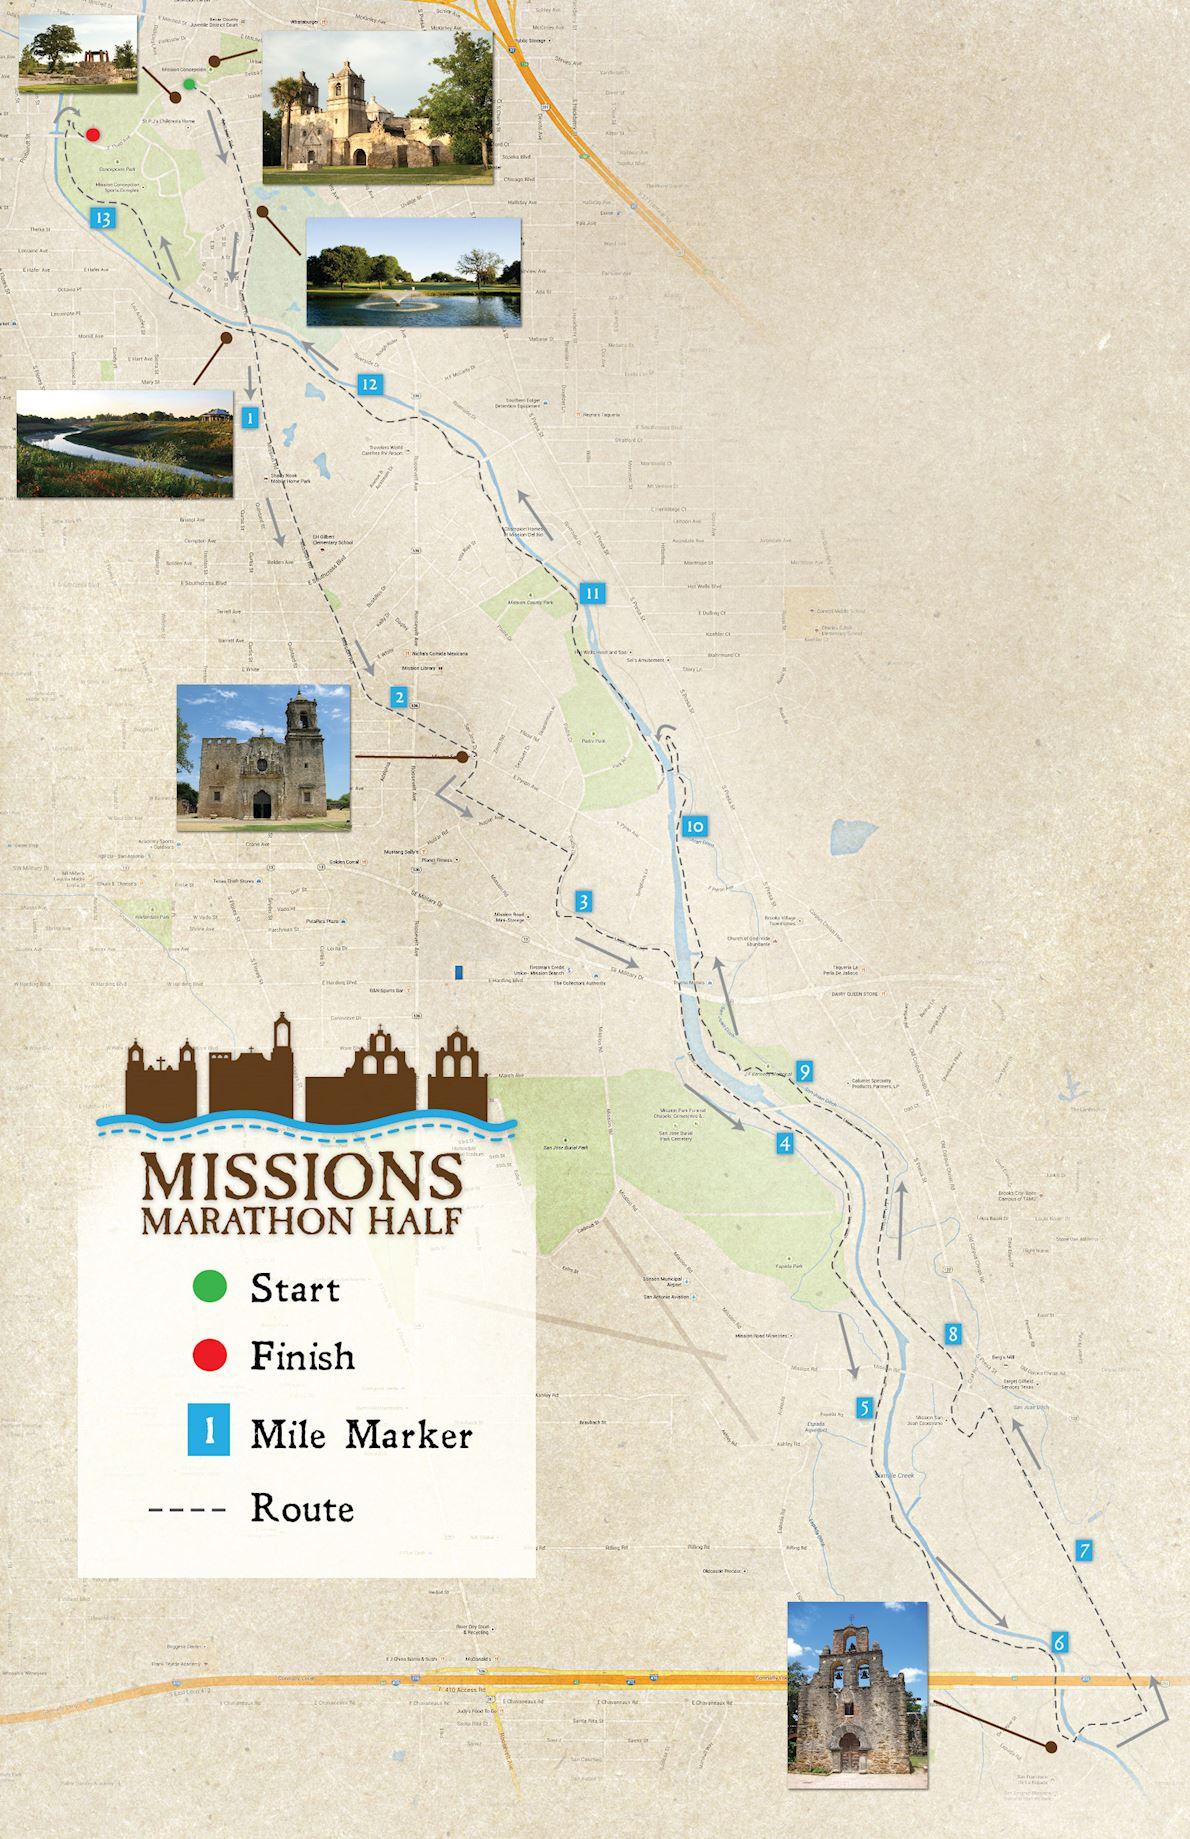 Missions Heritage Half MAPA DEL RECORRIDO DE